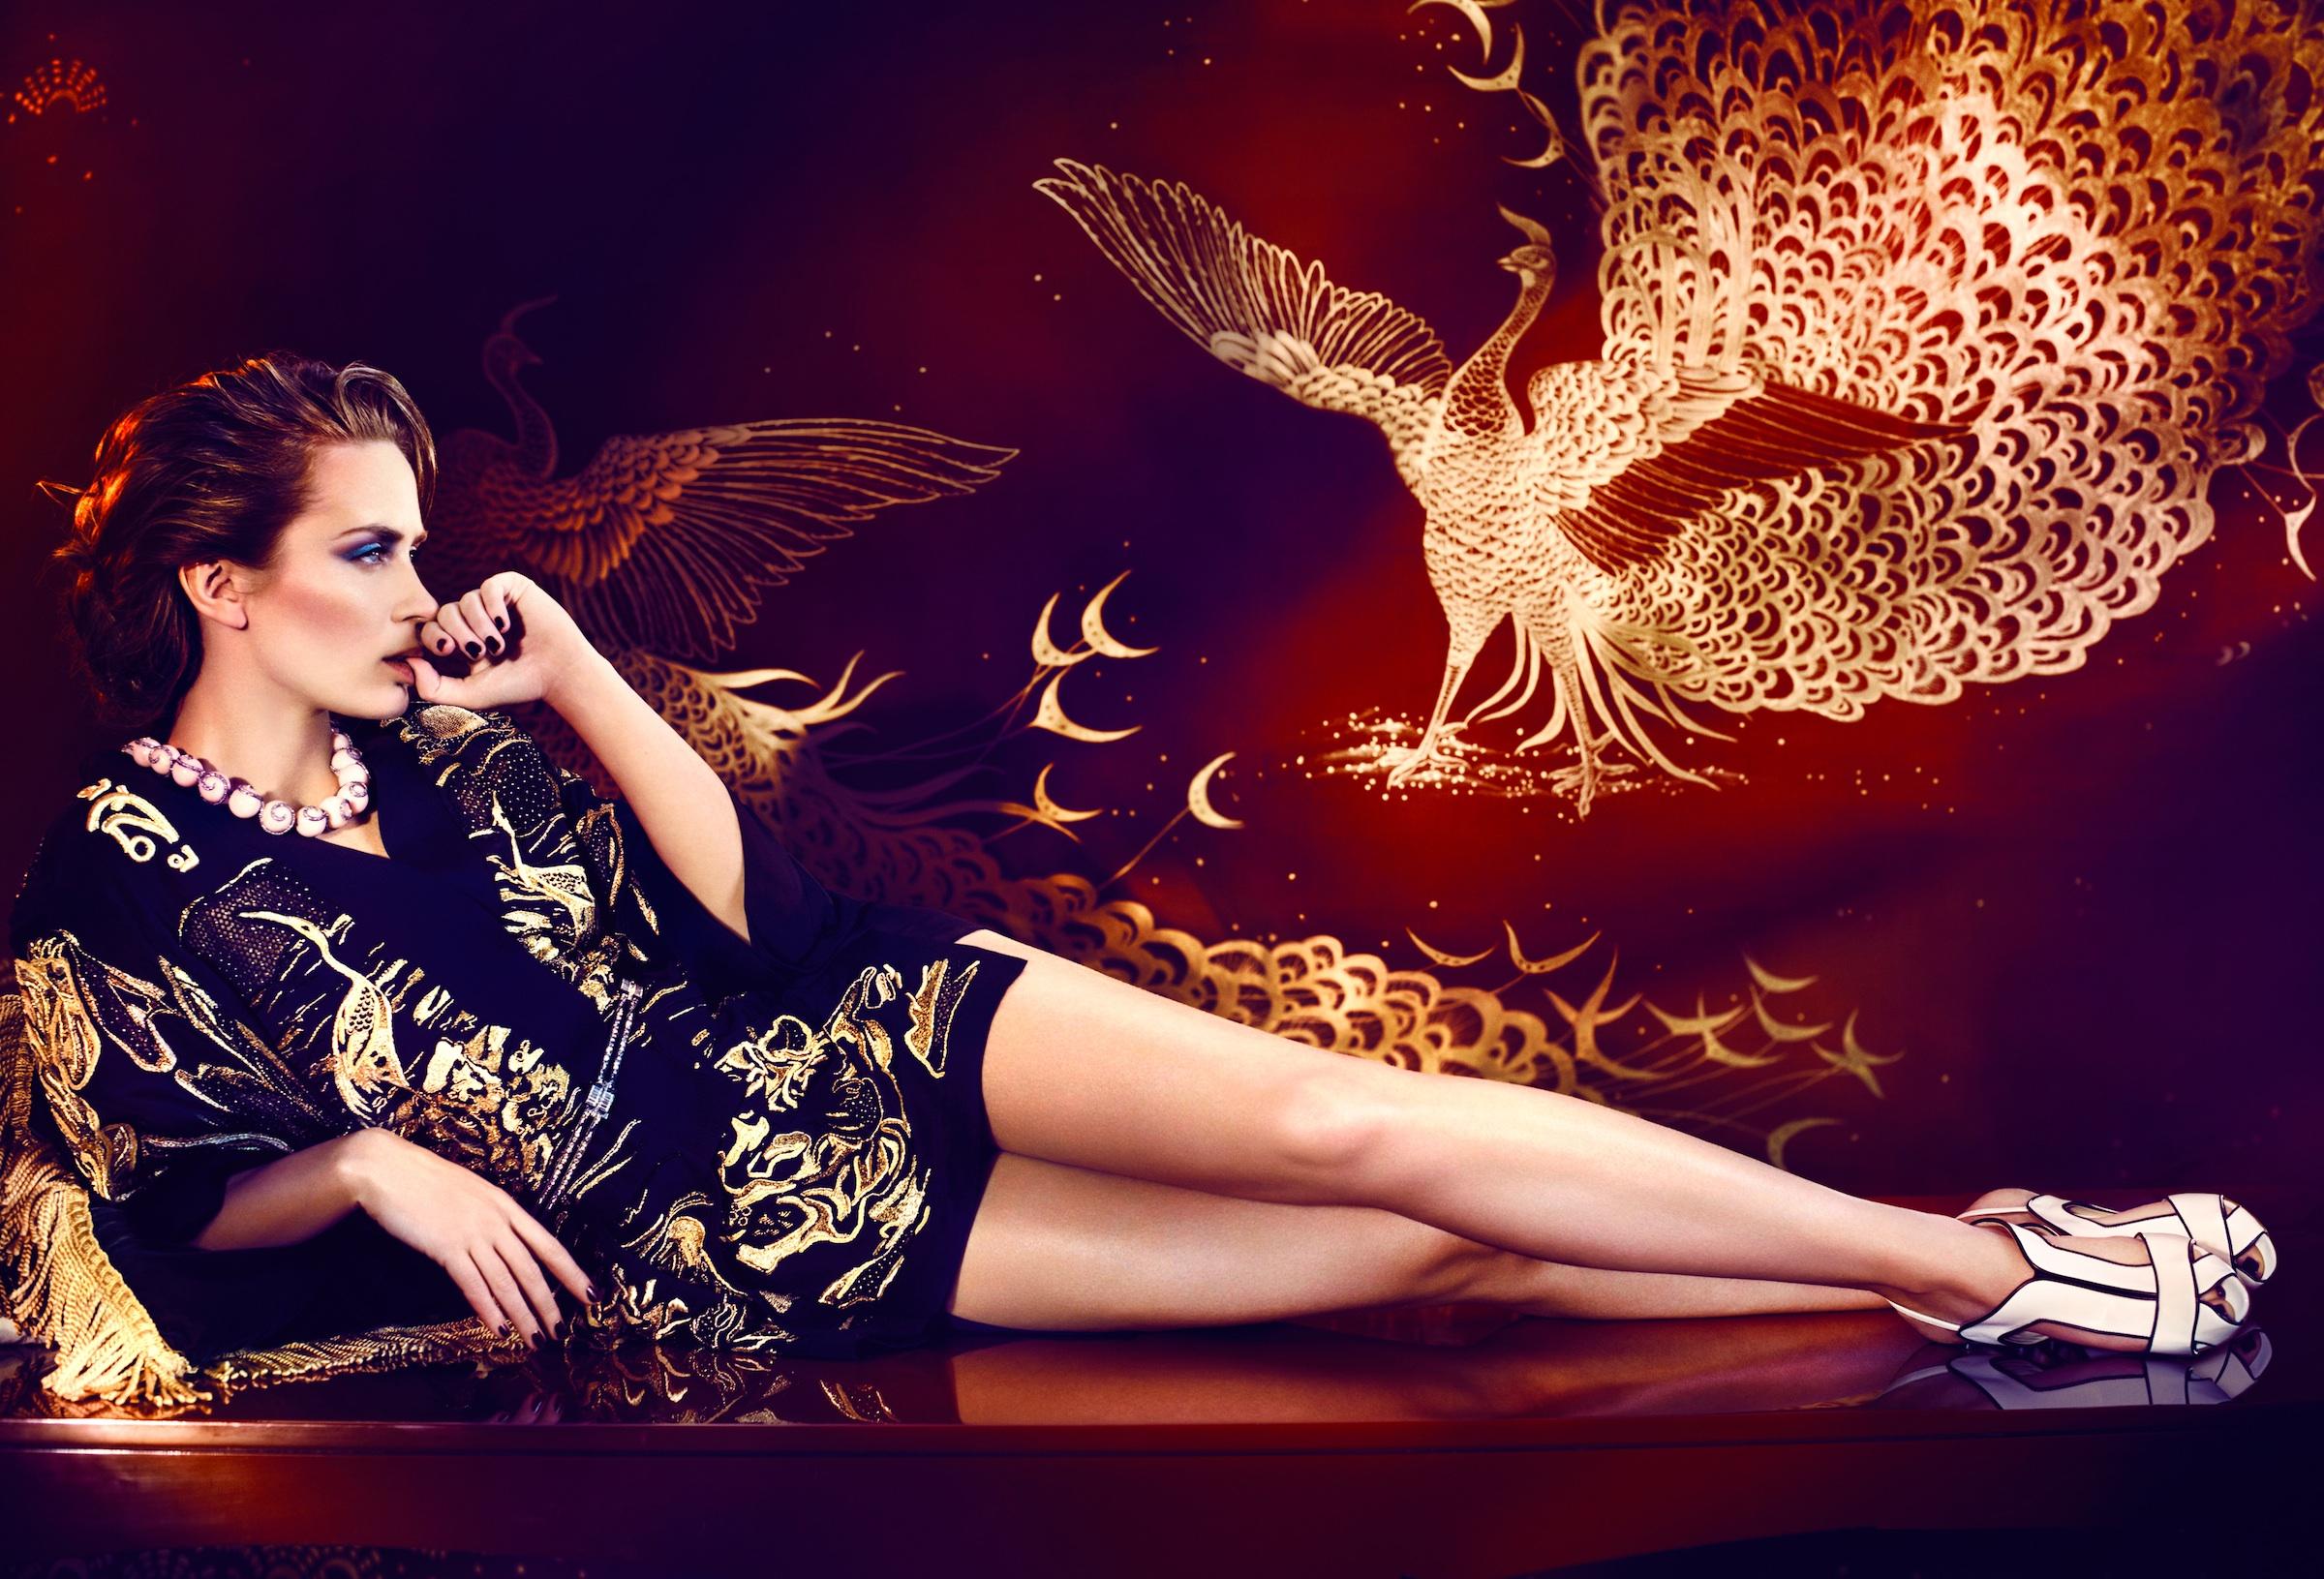 Элитные девушки орел 22 фотография